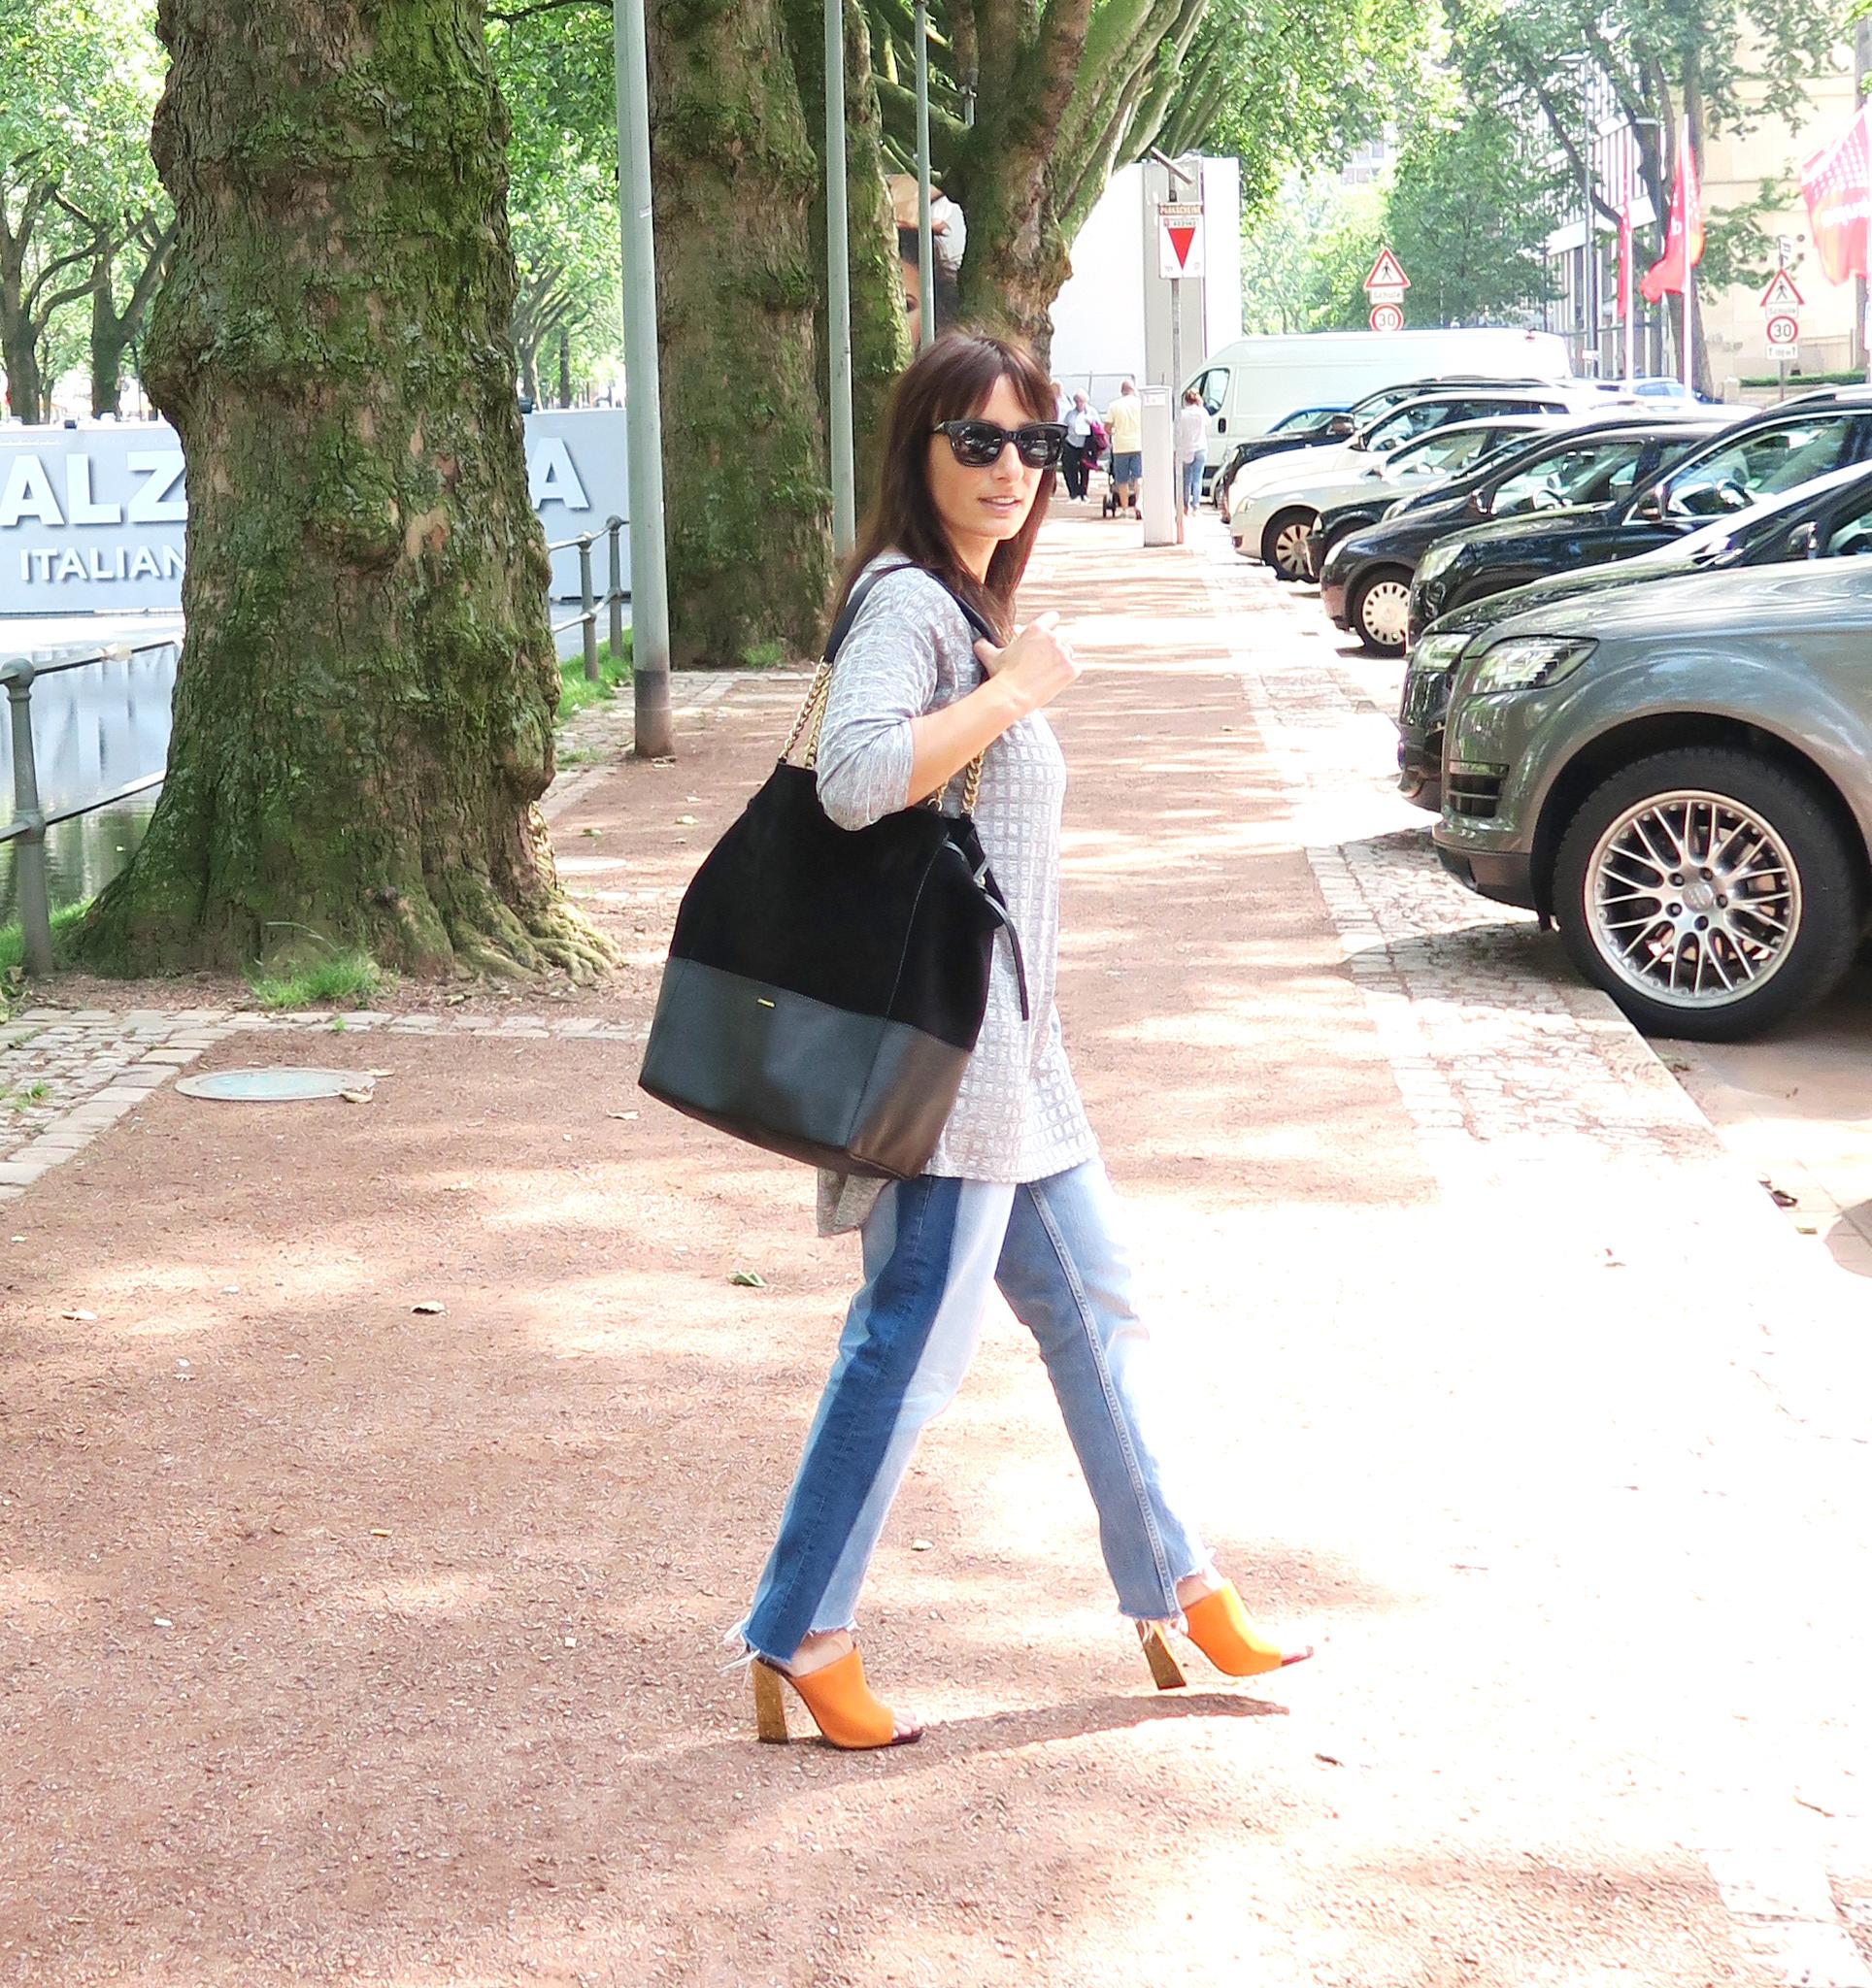 Streetstyle-düsseldorf-paris-blogger-fashionweek-mode-style-mules-trend-modesalat-8